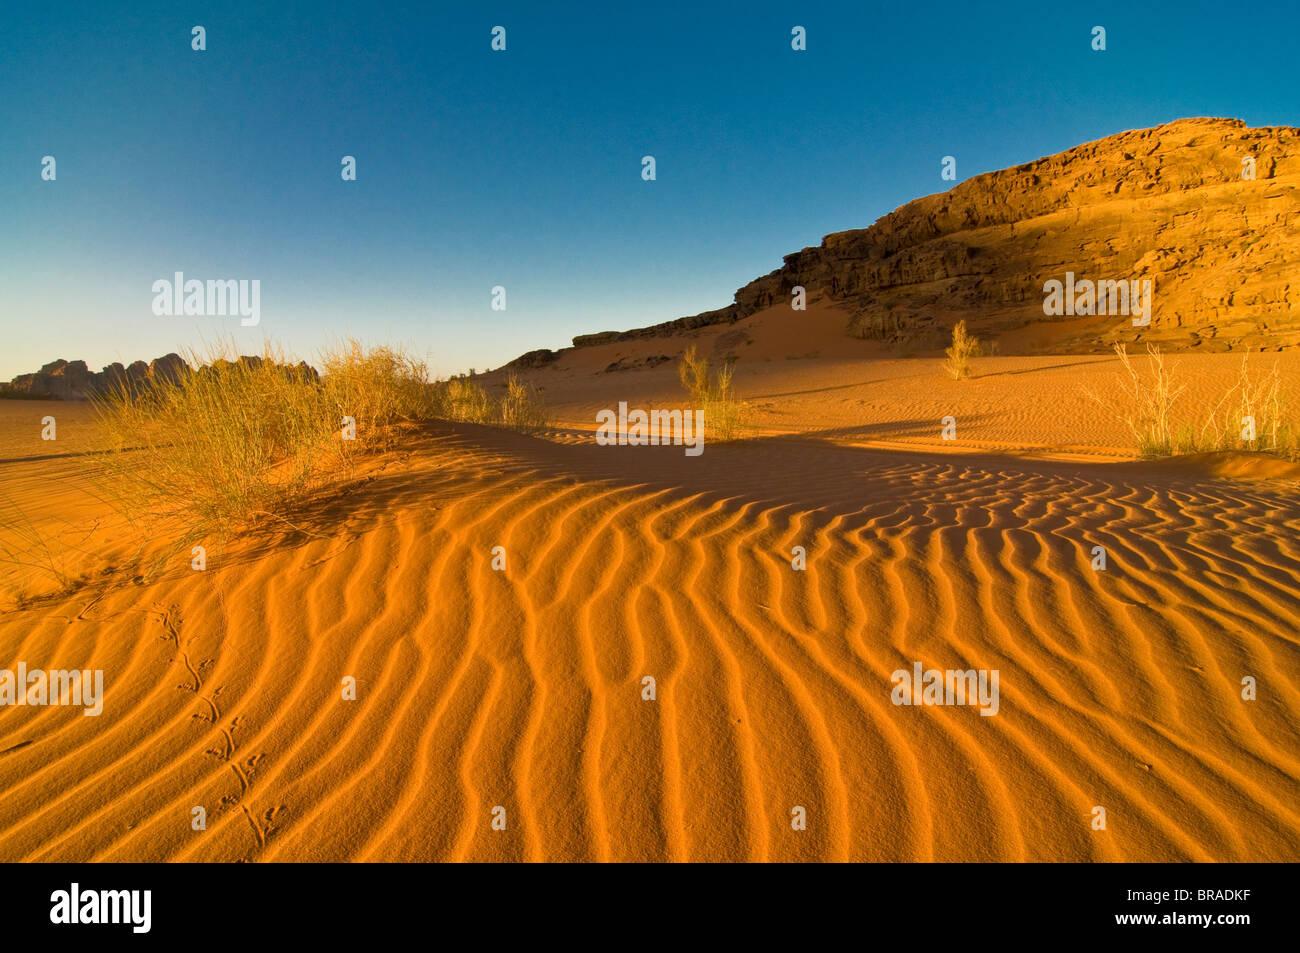 L'incantevole paesaggio offerto dal deserto di Wadi Rum, Giordania, Medio Oriente Immagini Stock